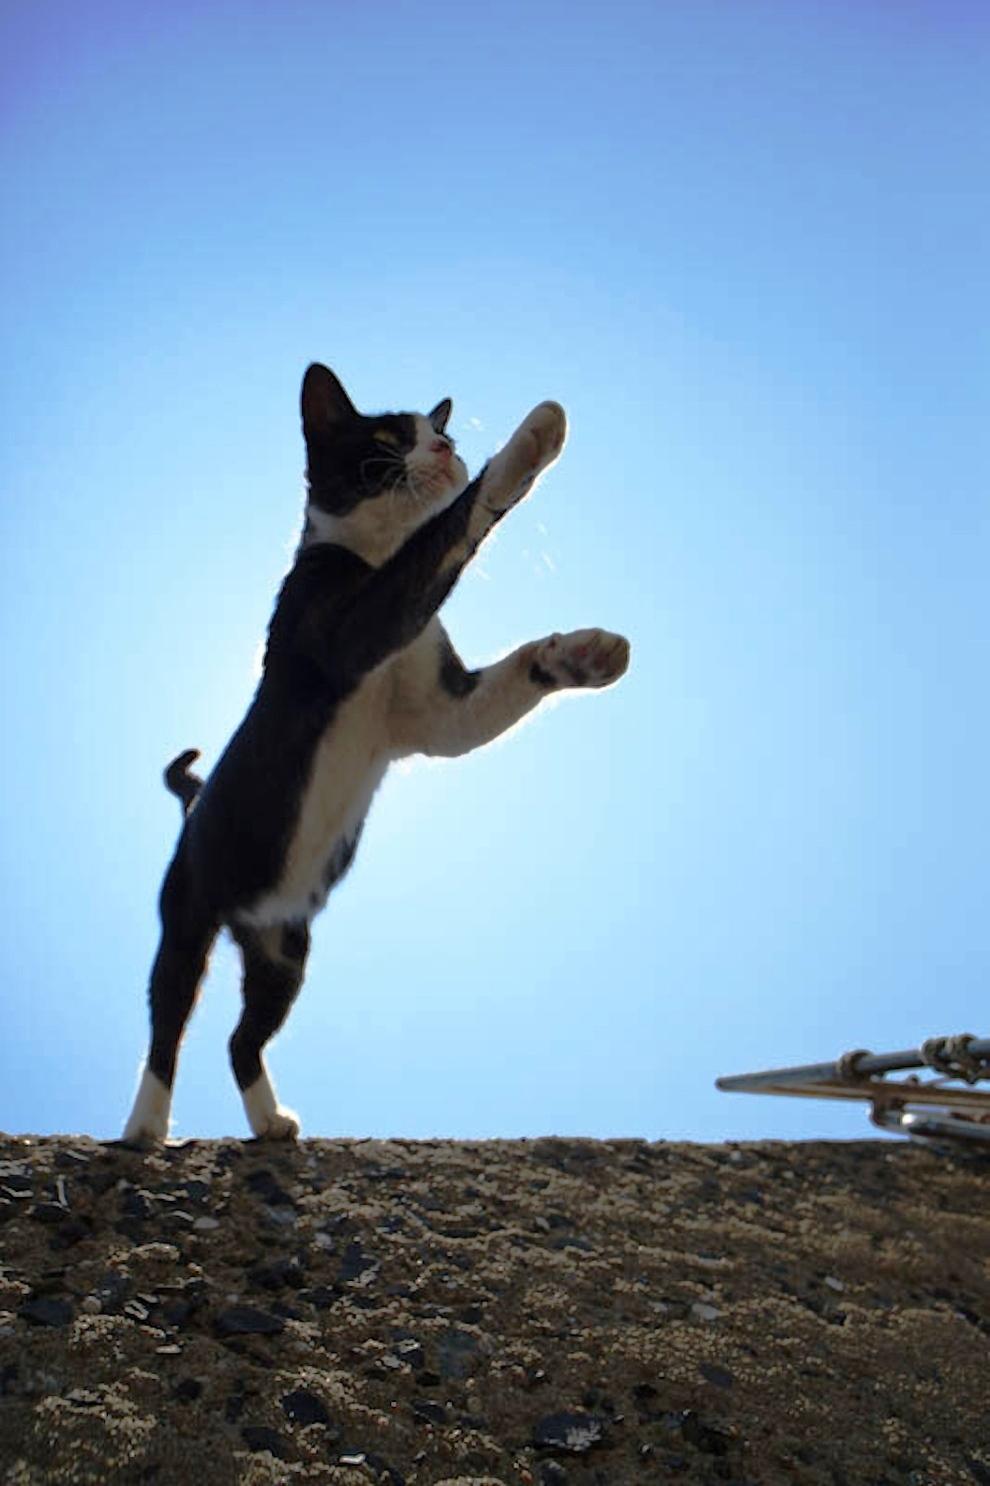 foto foto menakjubkan dari pulau Surga Kucing di Jepang - Foto Kucing di Fukuoka Jepang 16